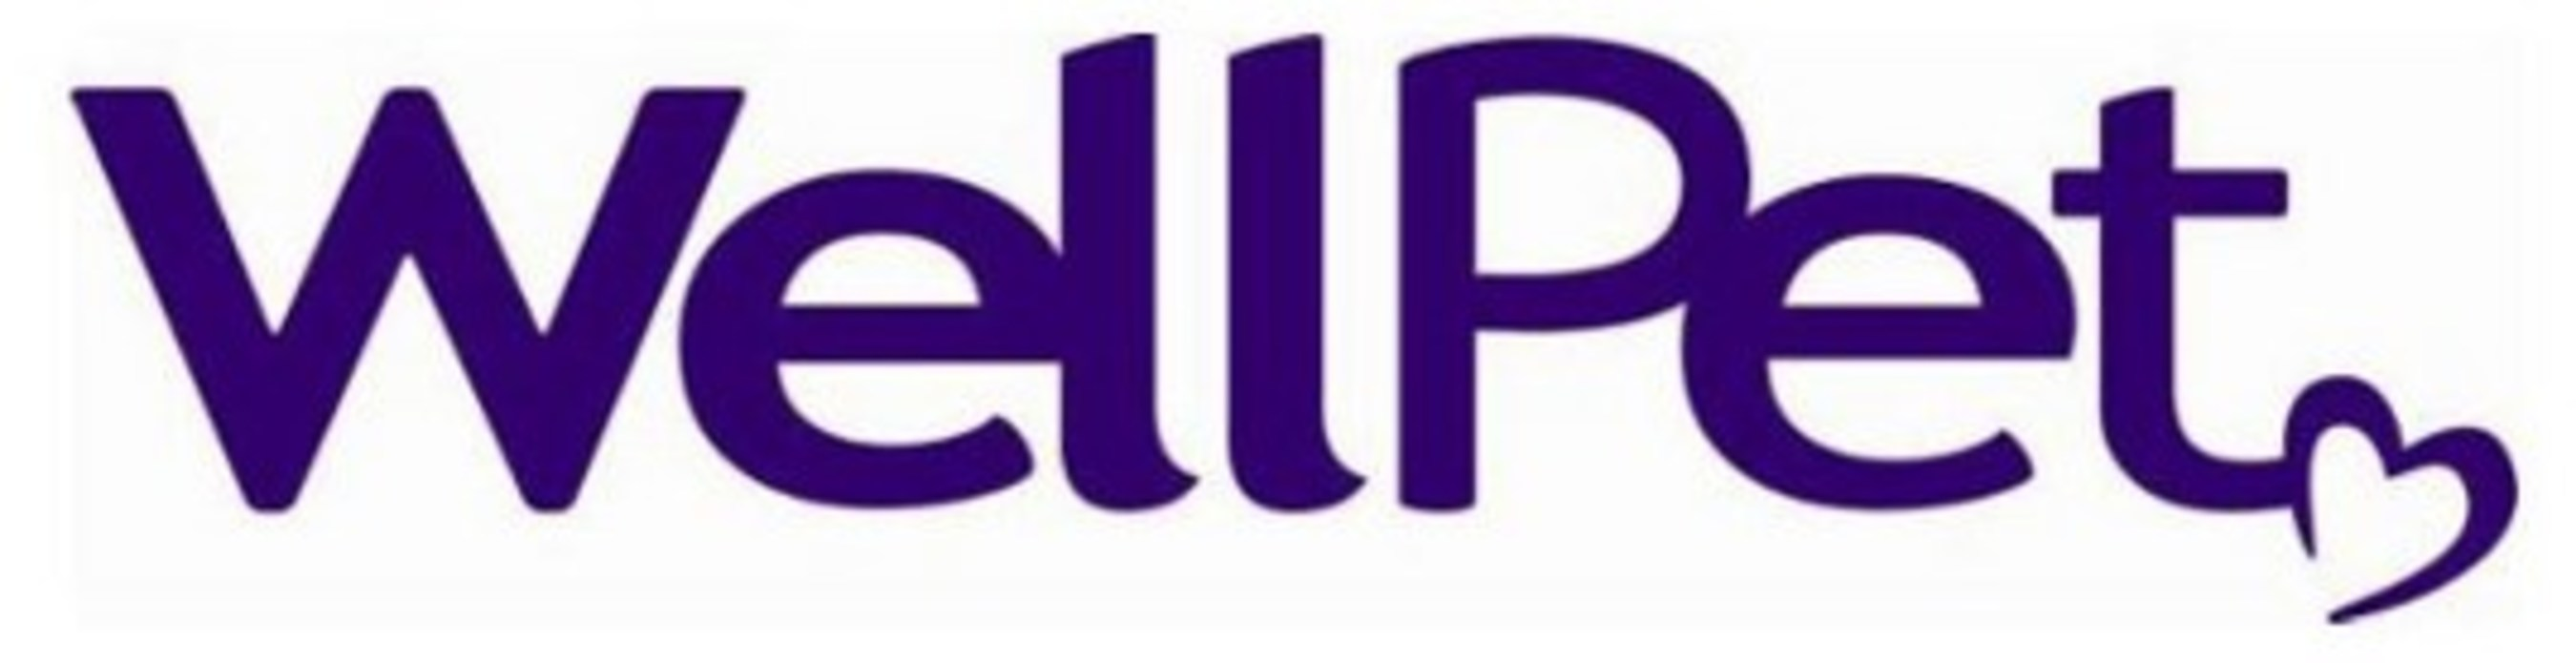 Wellness Natural Pet Food Logo